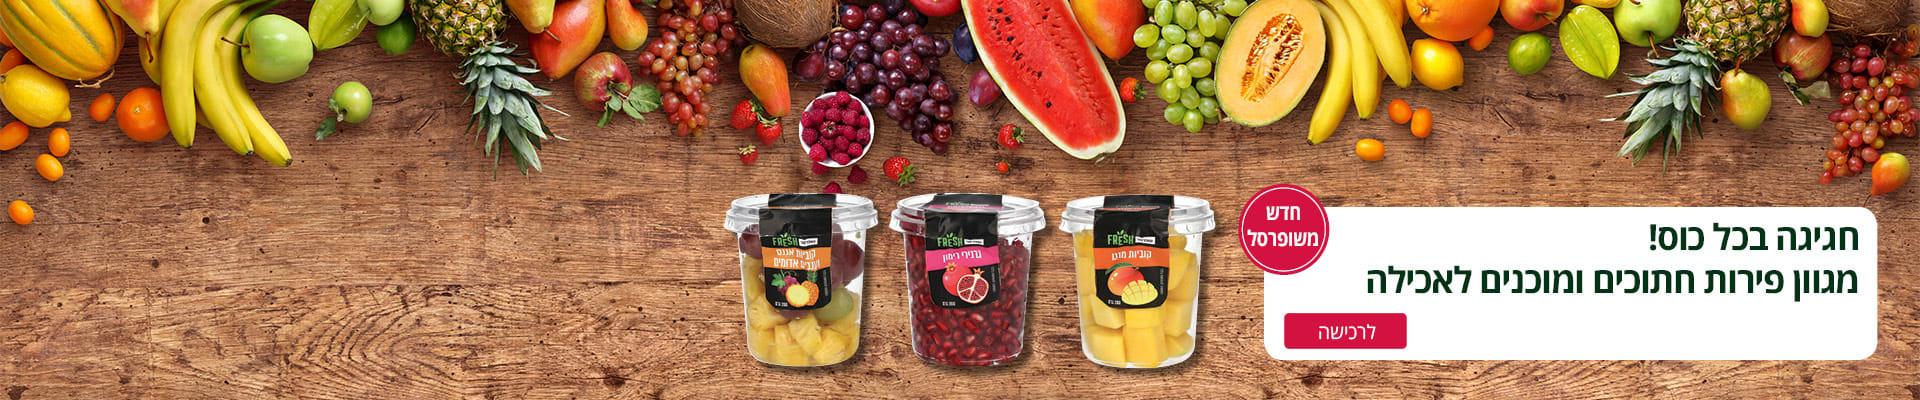 חדש משופרסל! חגיגה בכל כוס! מגוון פירות חתוכים ומוכנים לאכילה